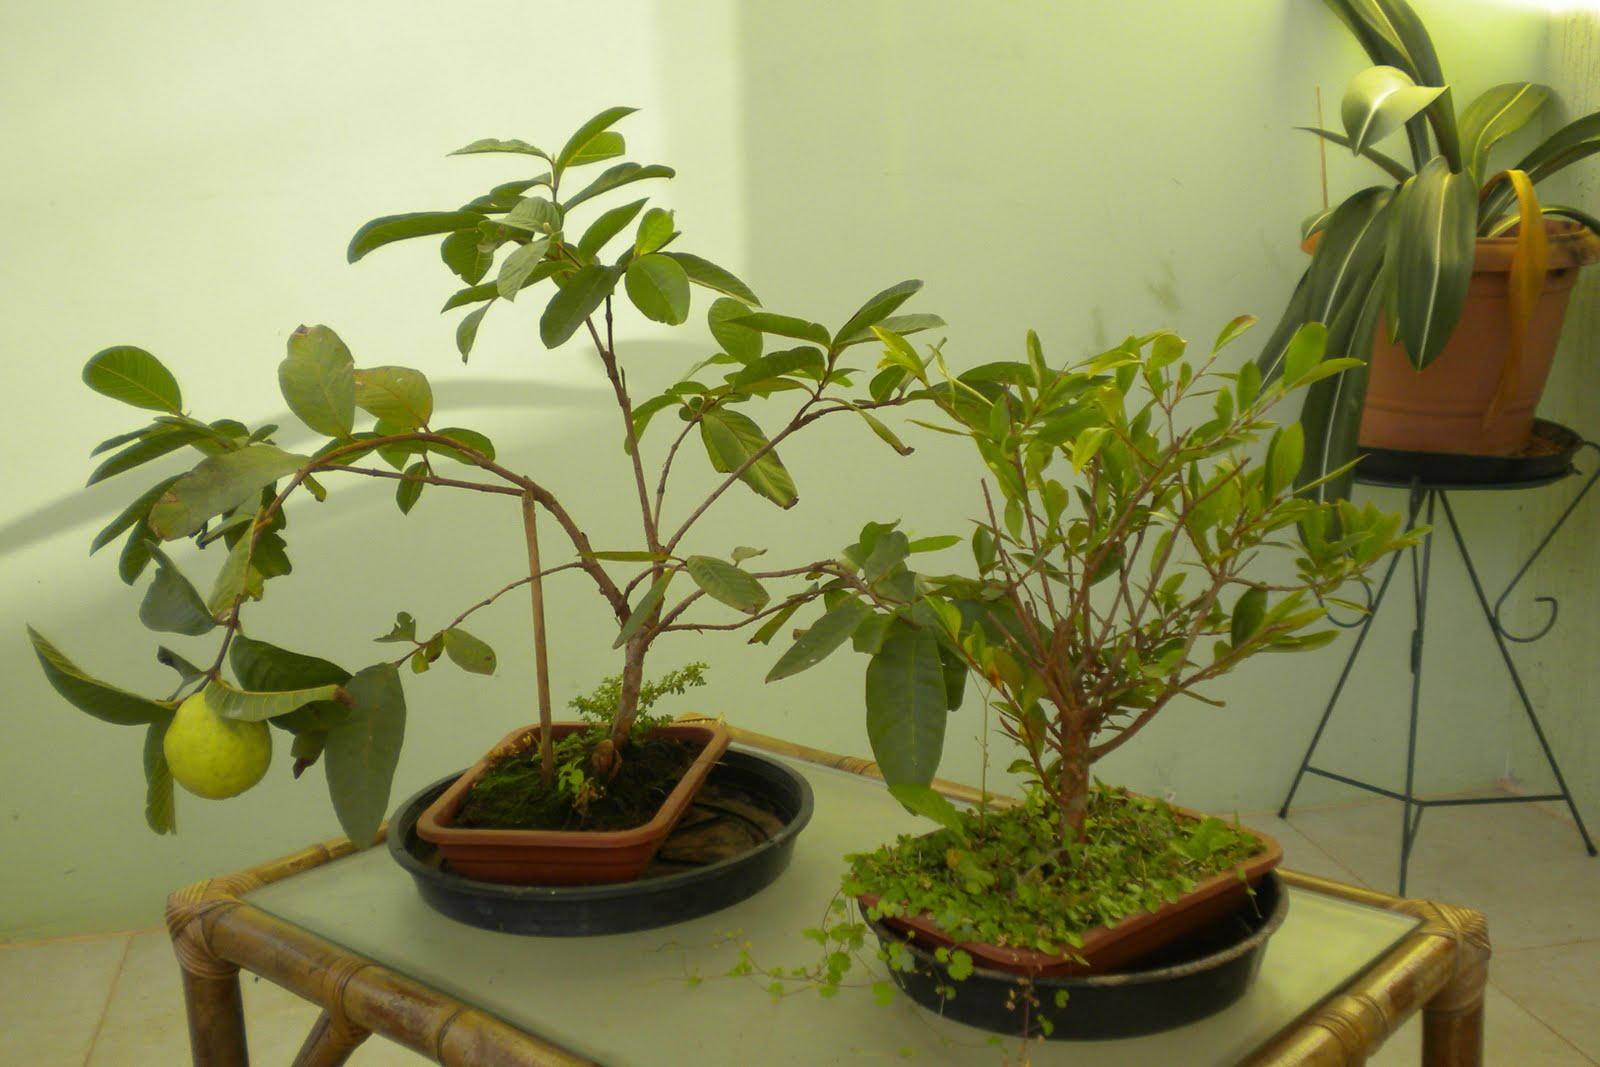 Blog Eu Curto Dicas Conheçam algumas plantas para decorar sua sala!